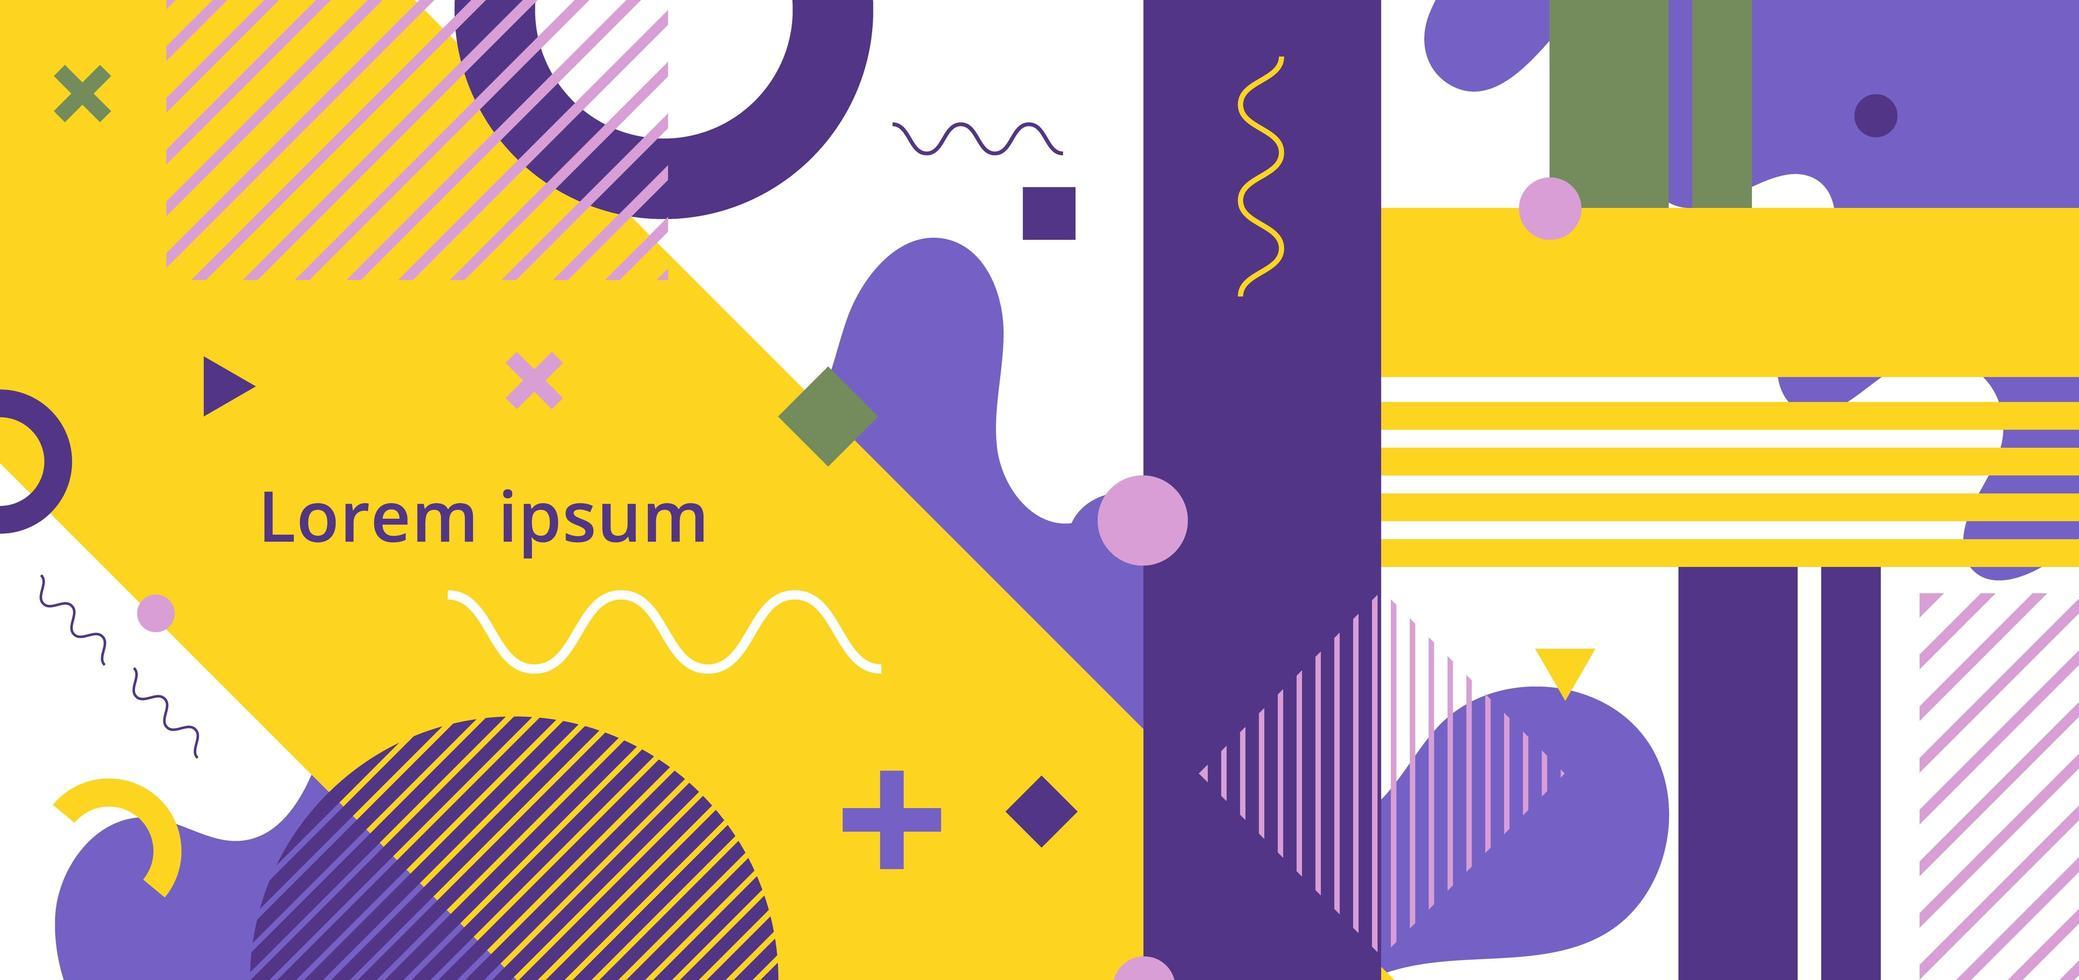 abstracte minimale geometrische patroon Memphis stijl vector